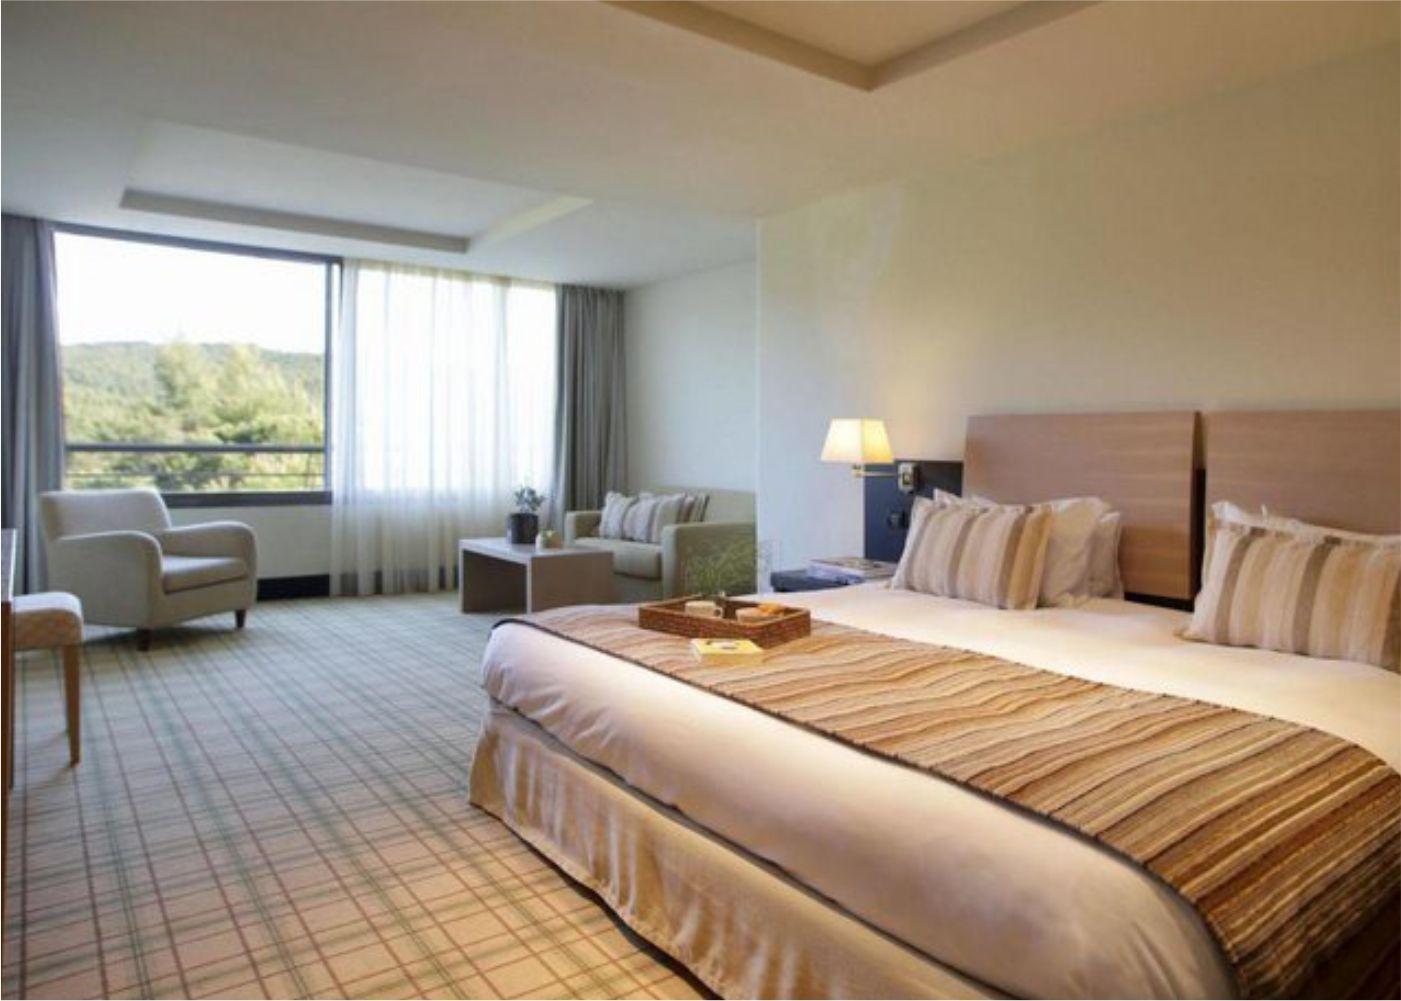 paraskevi-interior-design-porto-carras-hotel-3